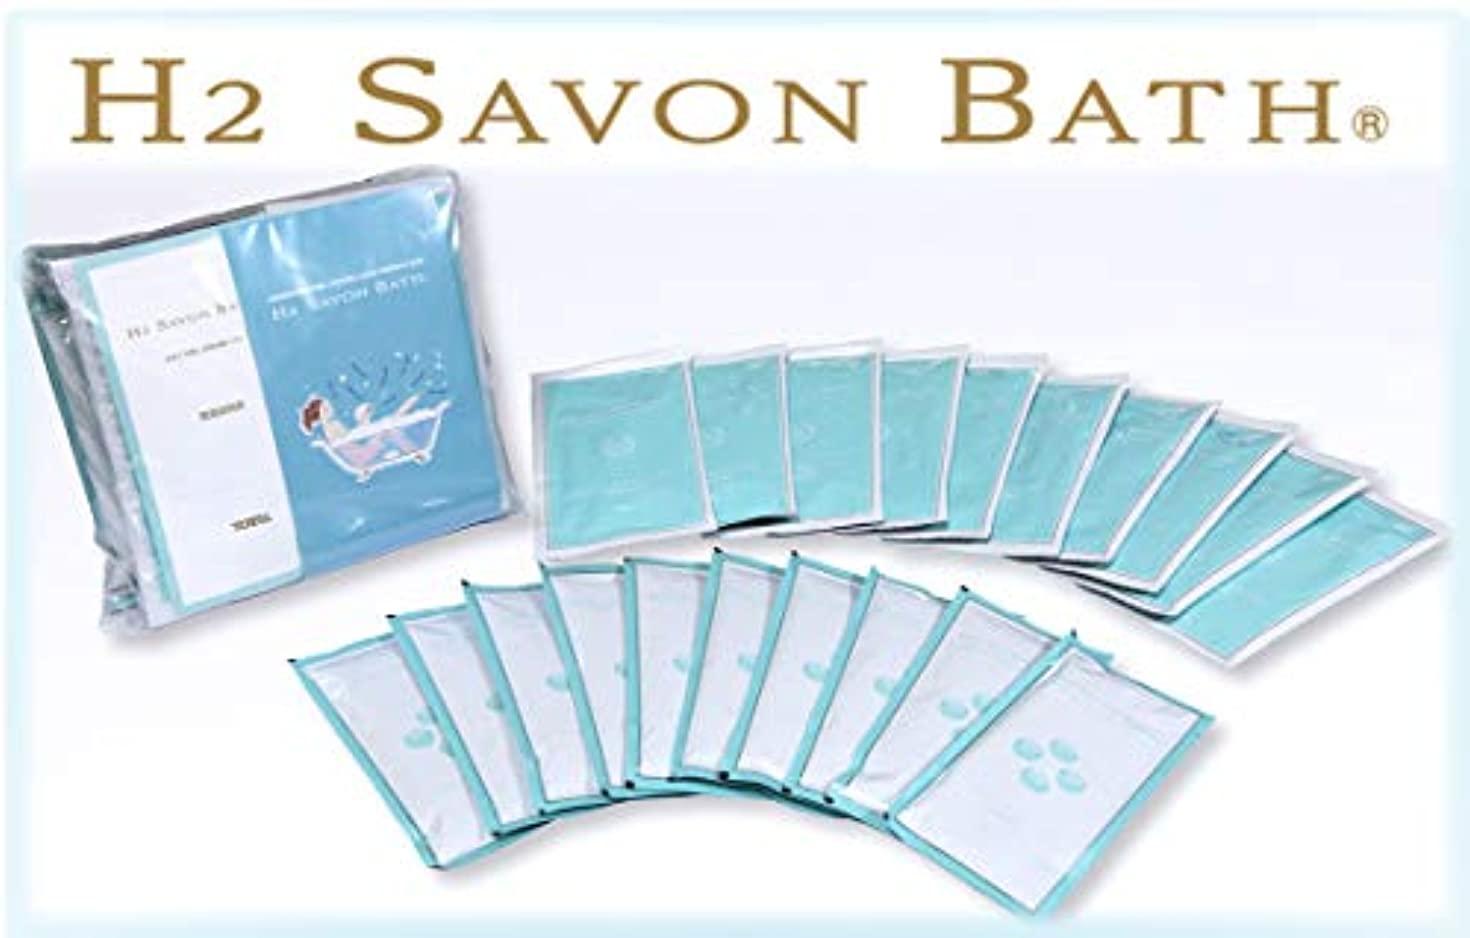 罹患率スプーン豊富H2 SAVON BATH(水素シャボンバス) 【1回分350円 徳用10回分入?専用ケース無し】